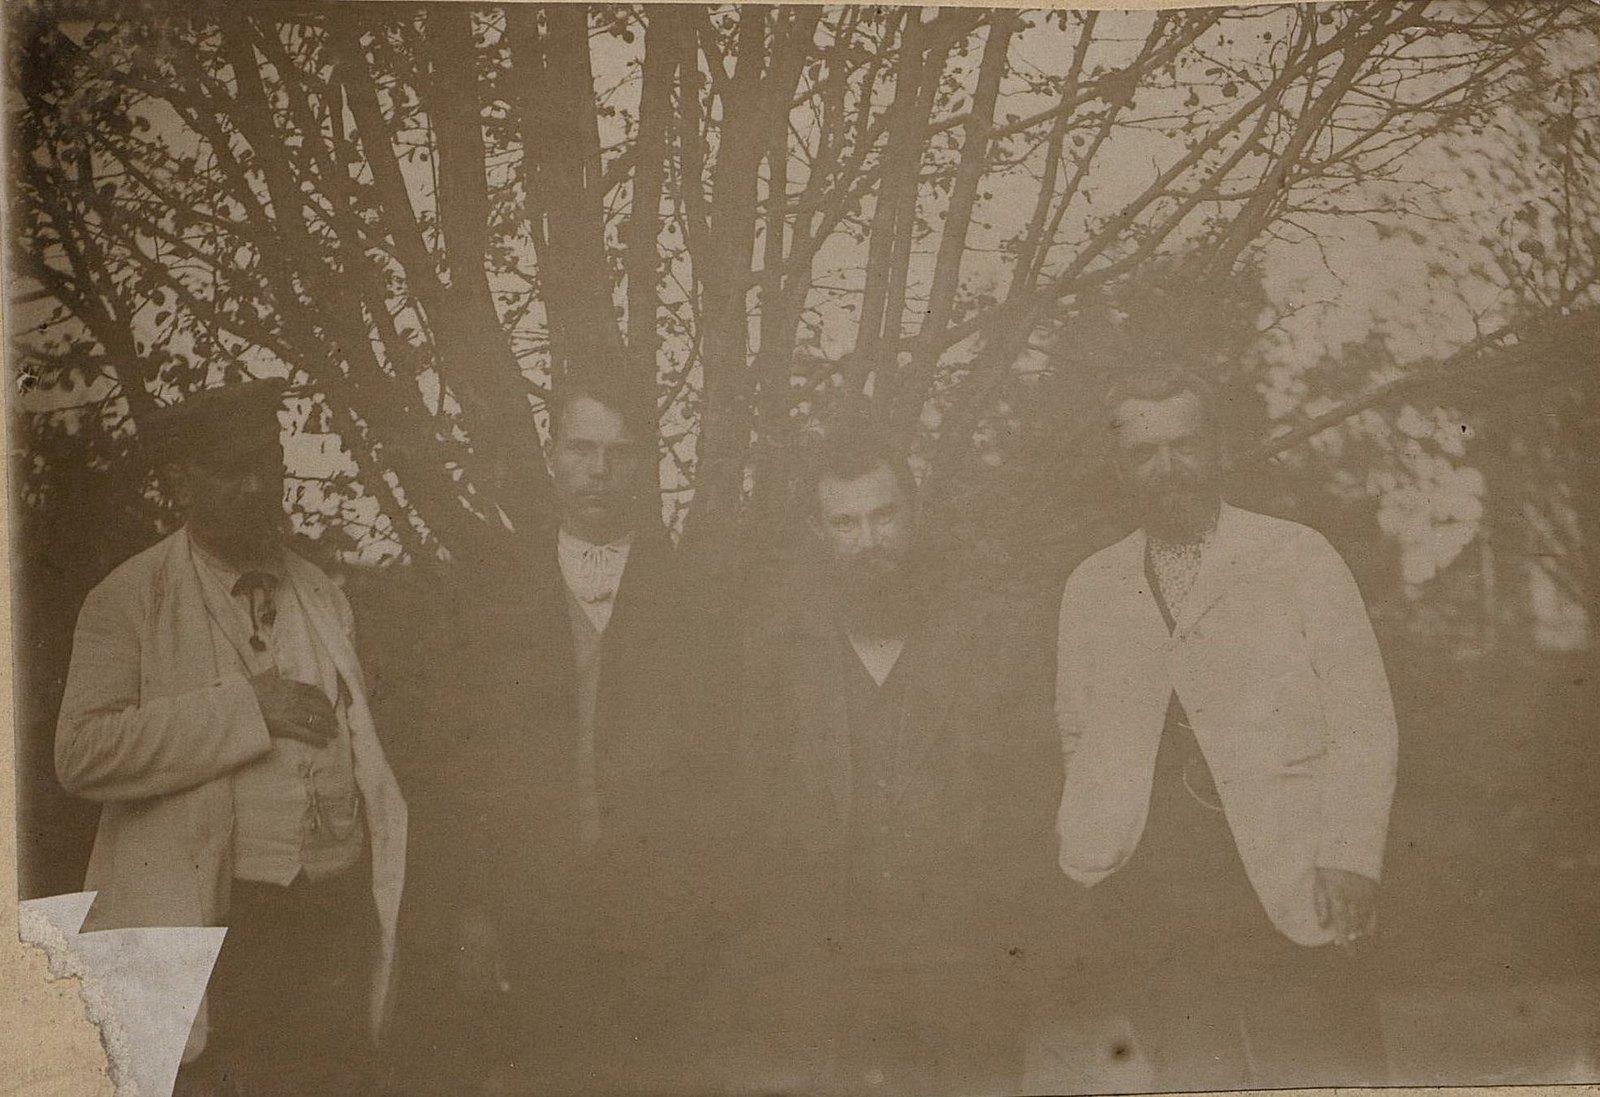 32. Савельев Николай Алексеевич, управляющий заводом Завьялова, и трое неизвестных. 1890-е